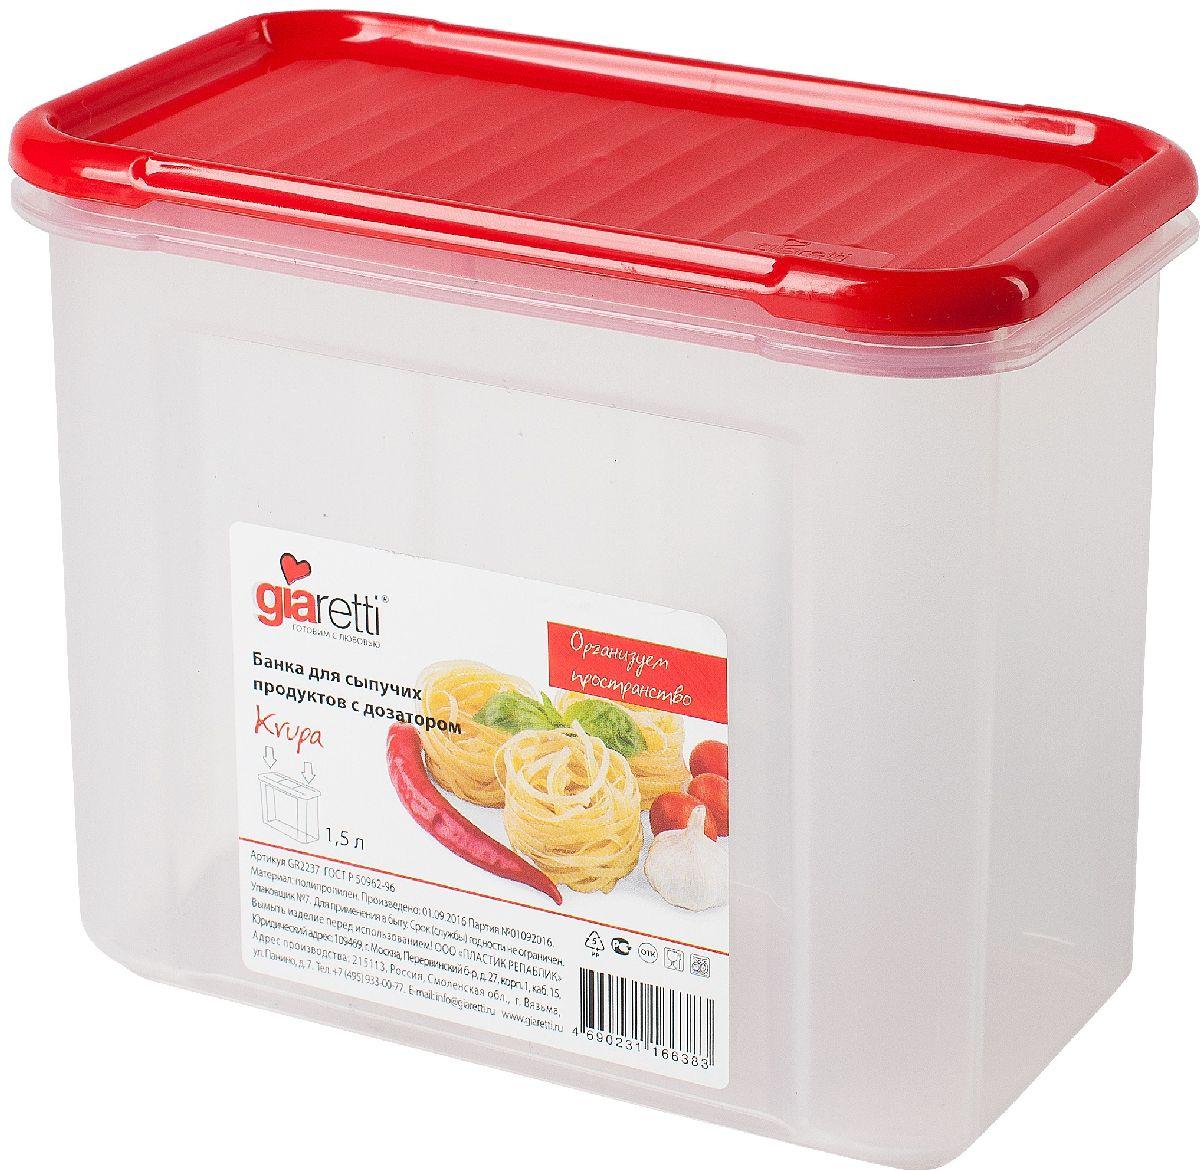 Банка для сыпучих продуктов Giaretti Krupa, цвет: красный, прозрачный, 1 лVT-1520(SR)Банка для сыпучих продуктов Giaretti Krupa предназначена для хранения круп, сахара, макаронных изделий, сладостей, в том числе для продуктов с ярким ароматом (специи и прочее). Строгая прямоугольная форма банки поможет вам организовать пространство максимально комфортно, не теряя полезную площадь. Плотная крышка не пропускает запахи, и они не смешиваются в вашем шкафу. Благодаря разнообразным отверстиям в дозаторе будет удобно насыпать как мелкие, так и крупные сыпучие продукты, что сделает процесс приготовления пищи проще.